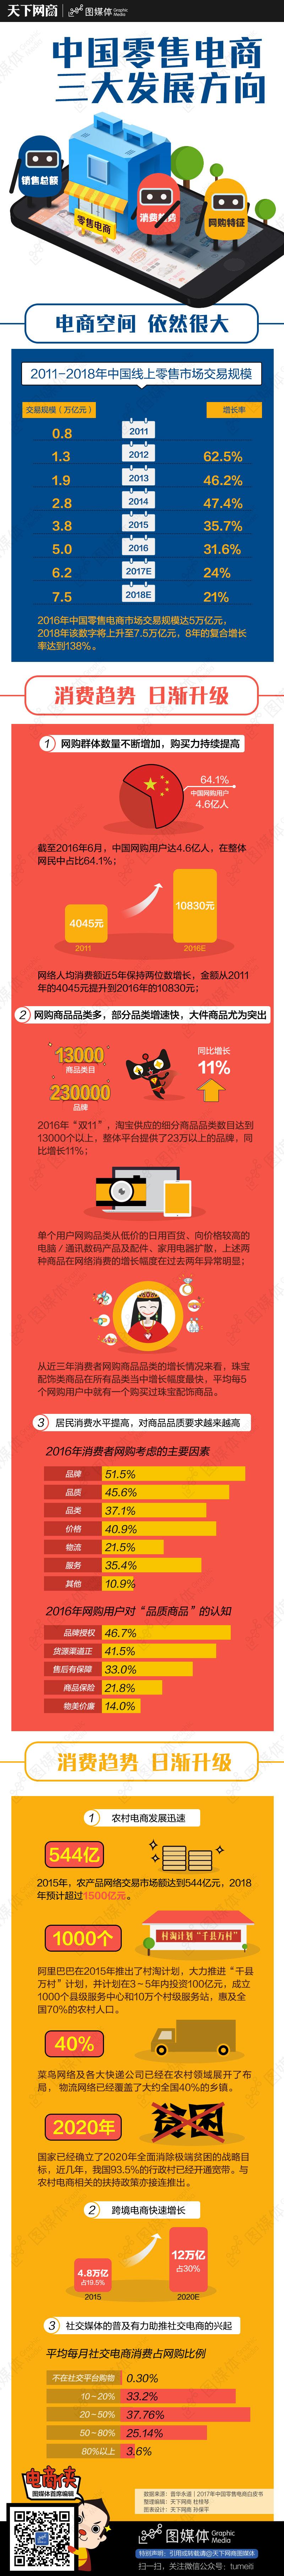 中国零售电商三大发展方向-改